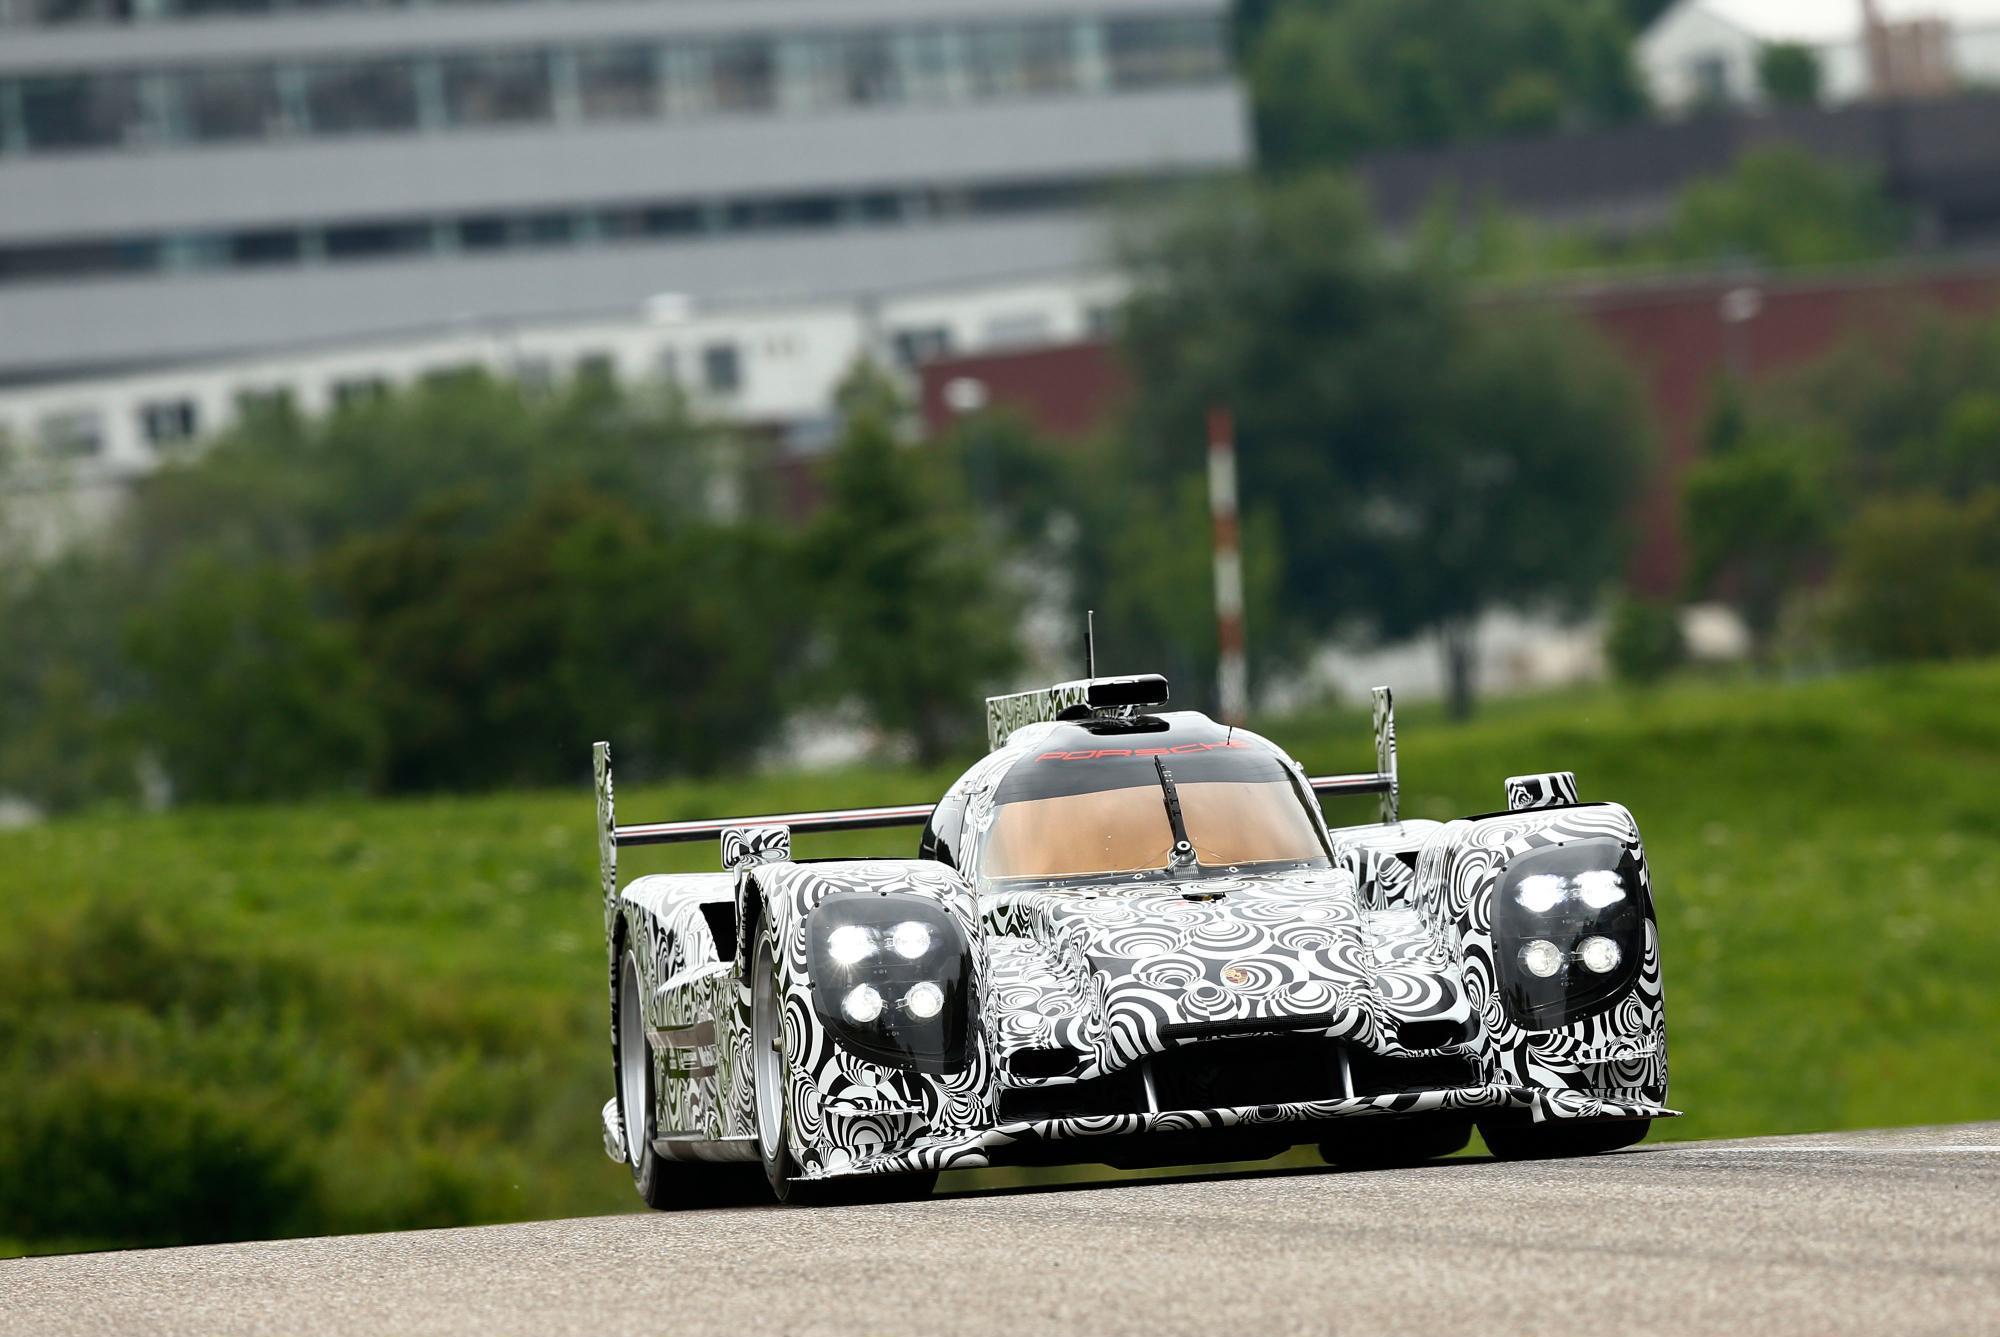 Porsche LMP1 2014 Prototype Livery